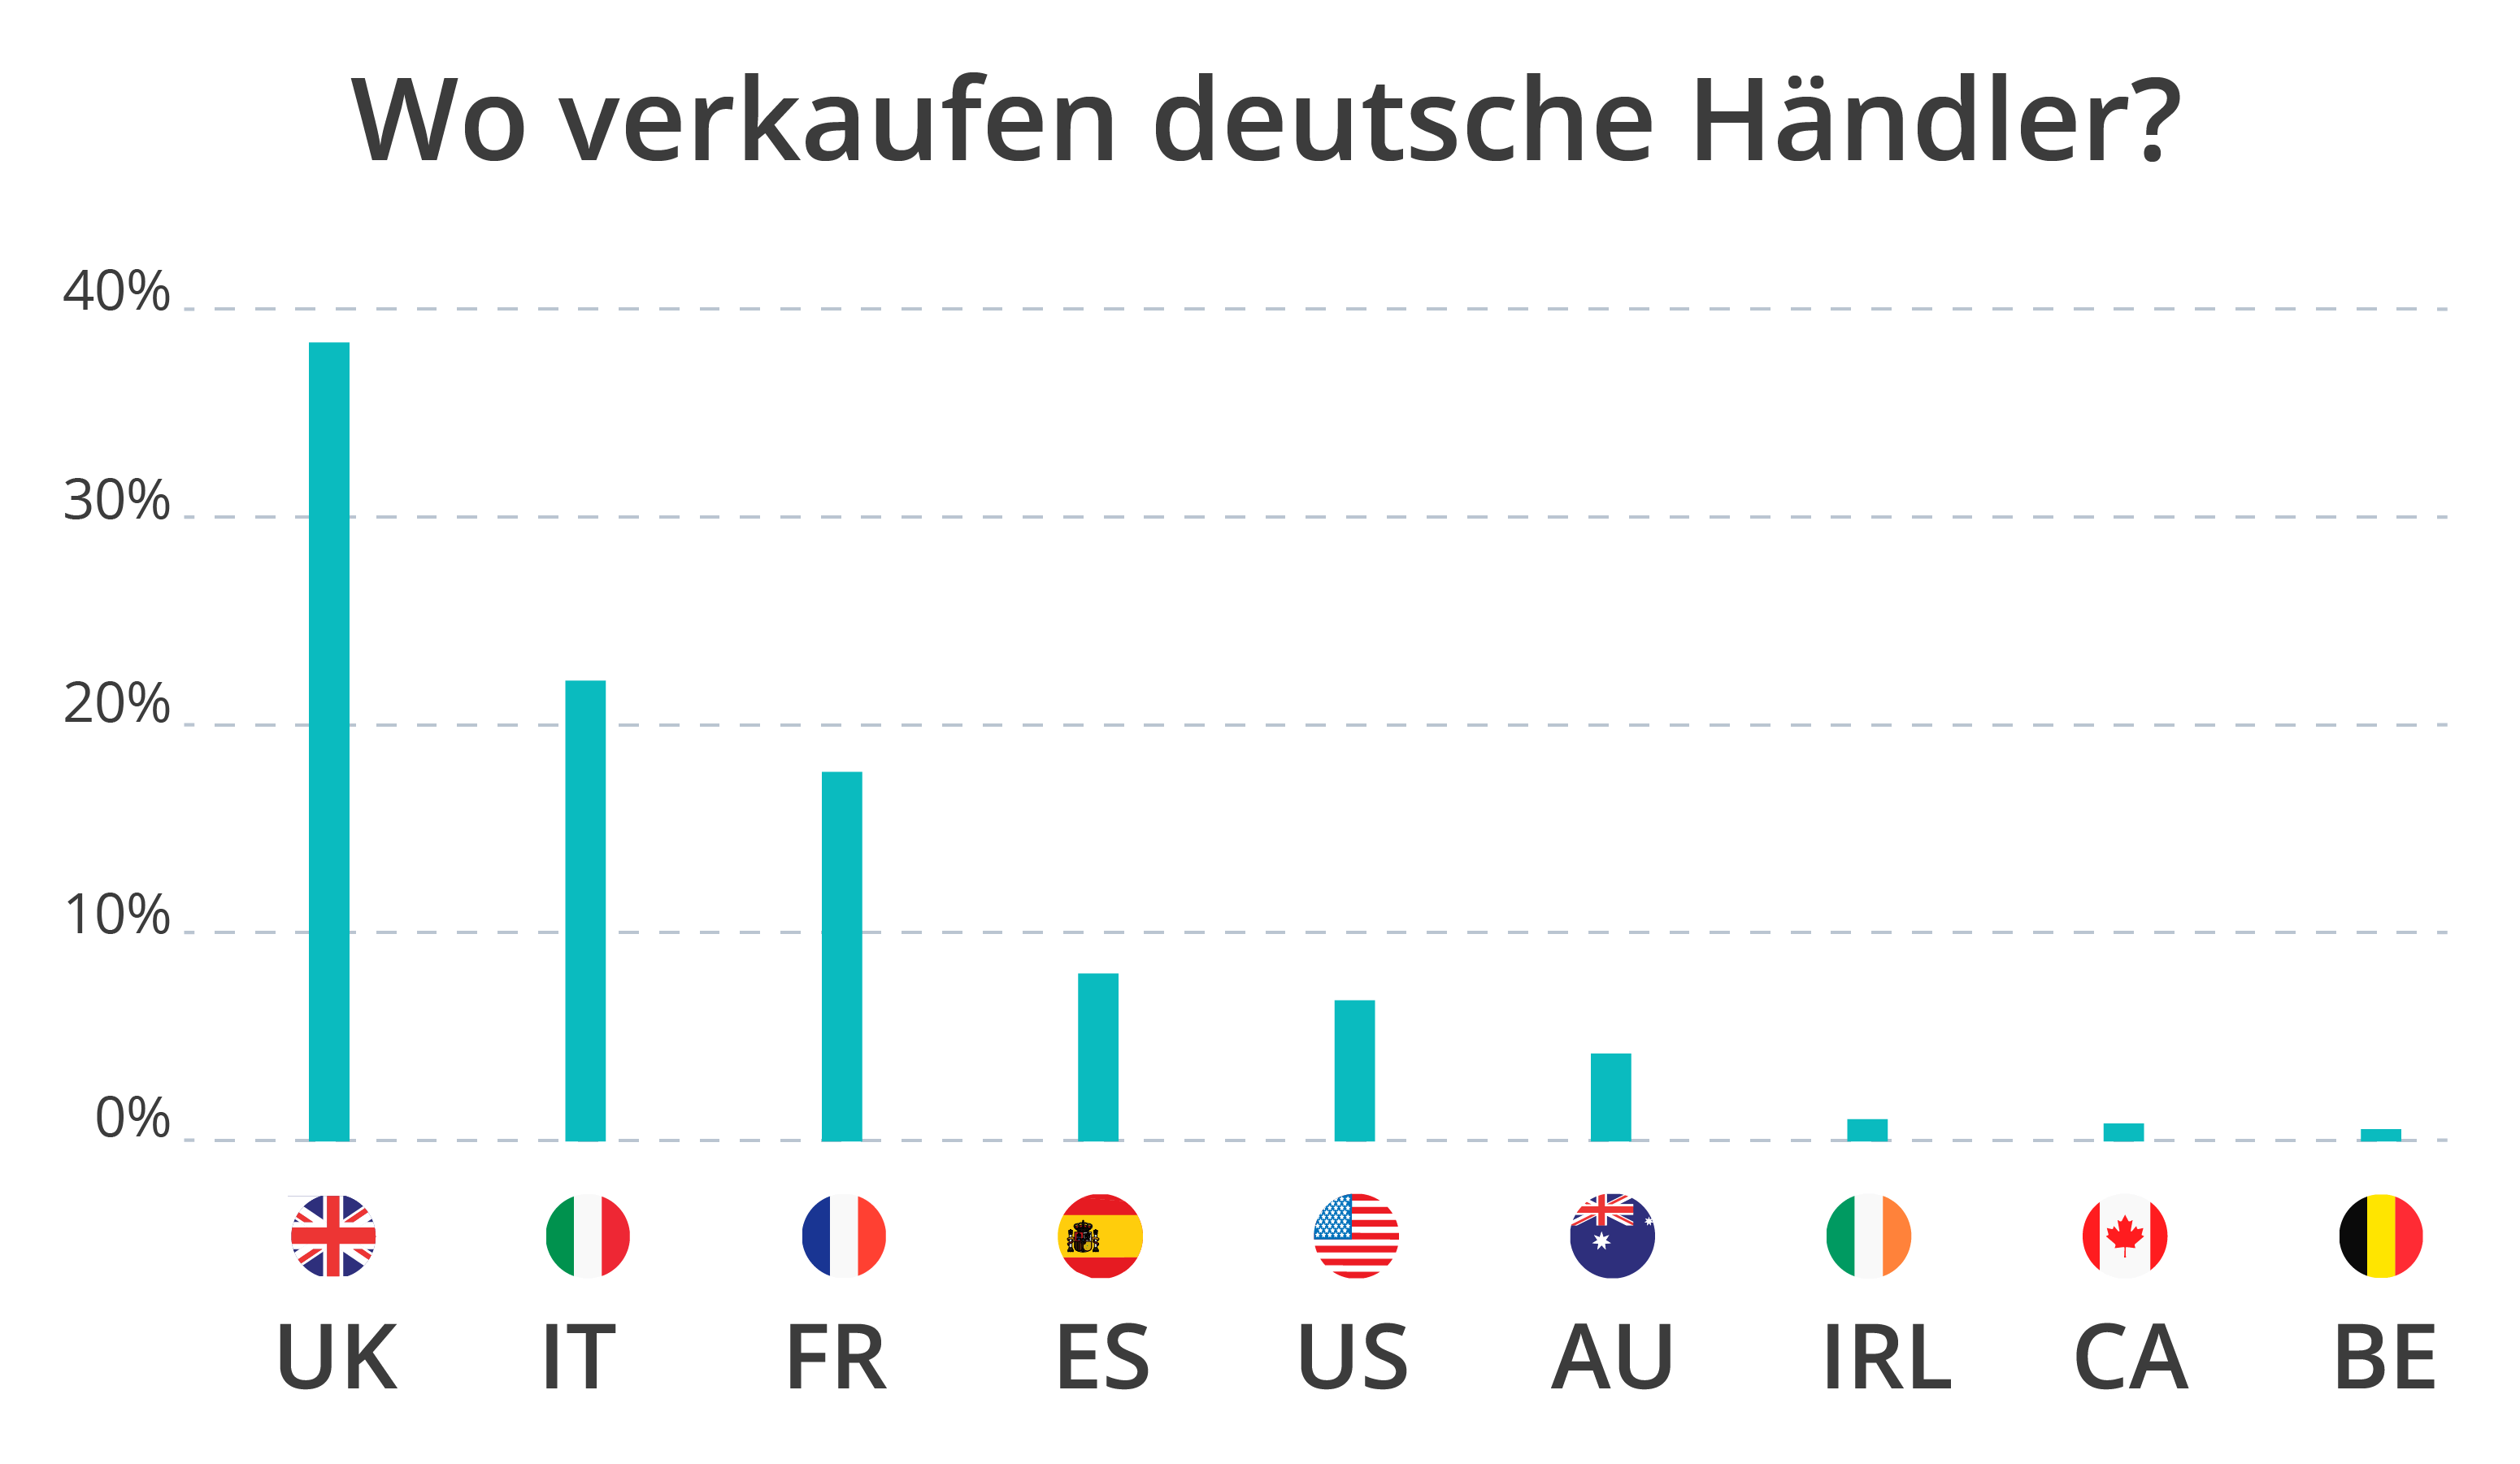 Wo verkaufen deutsche Händler